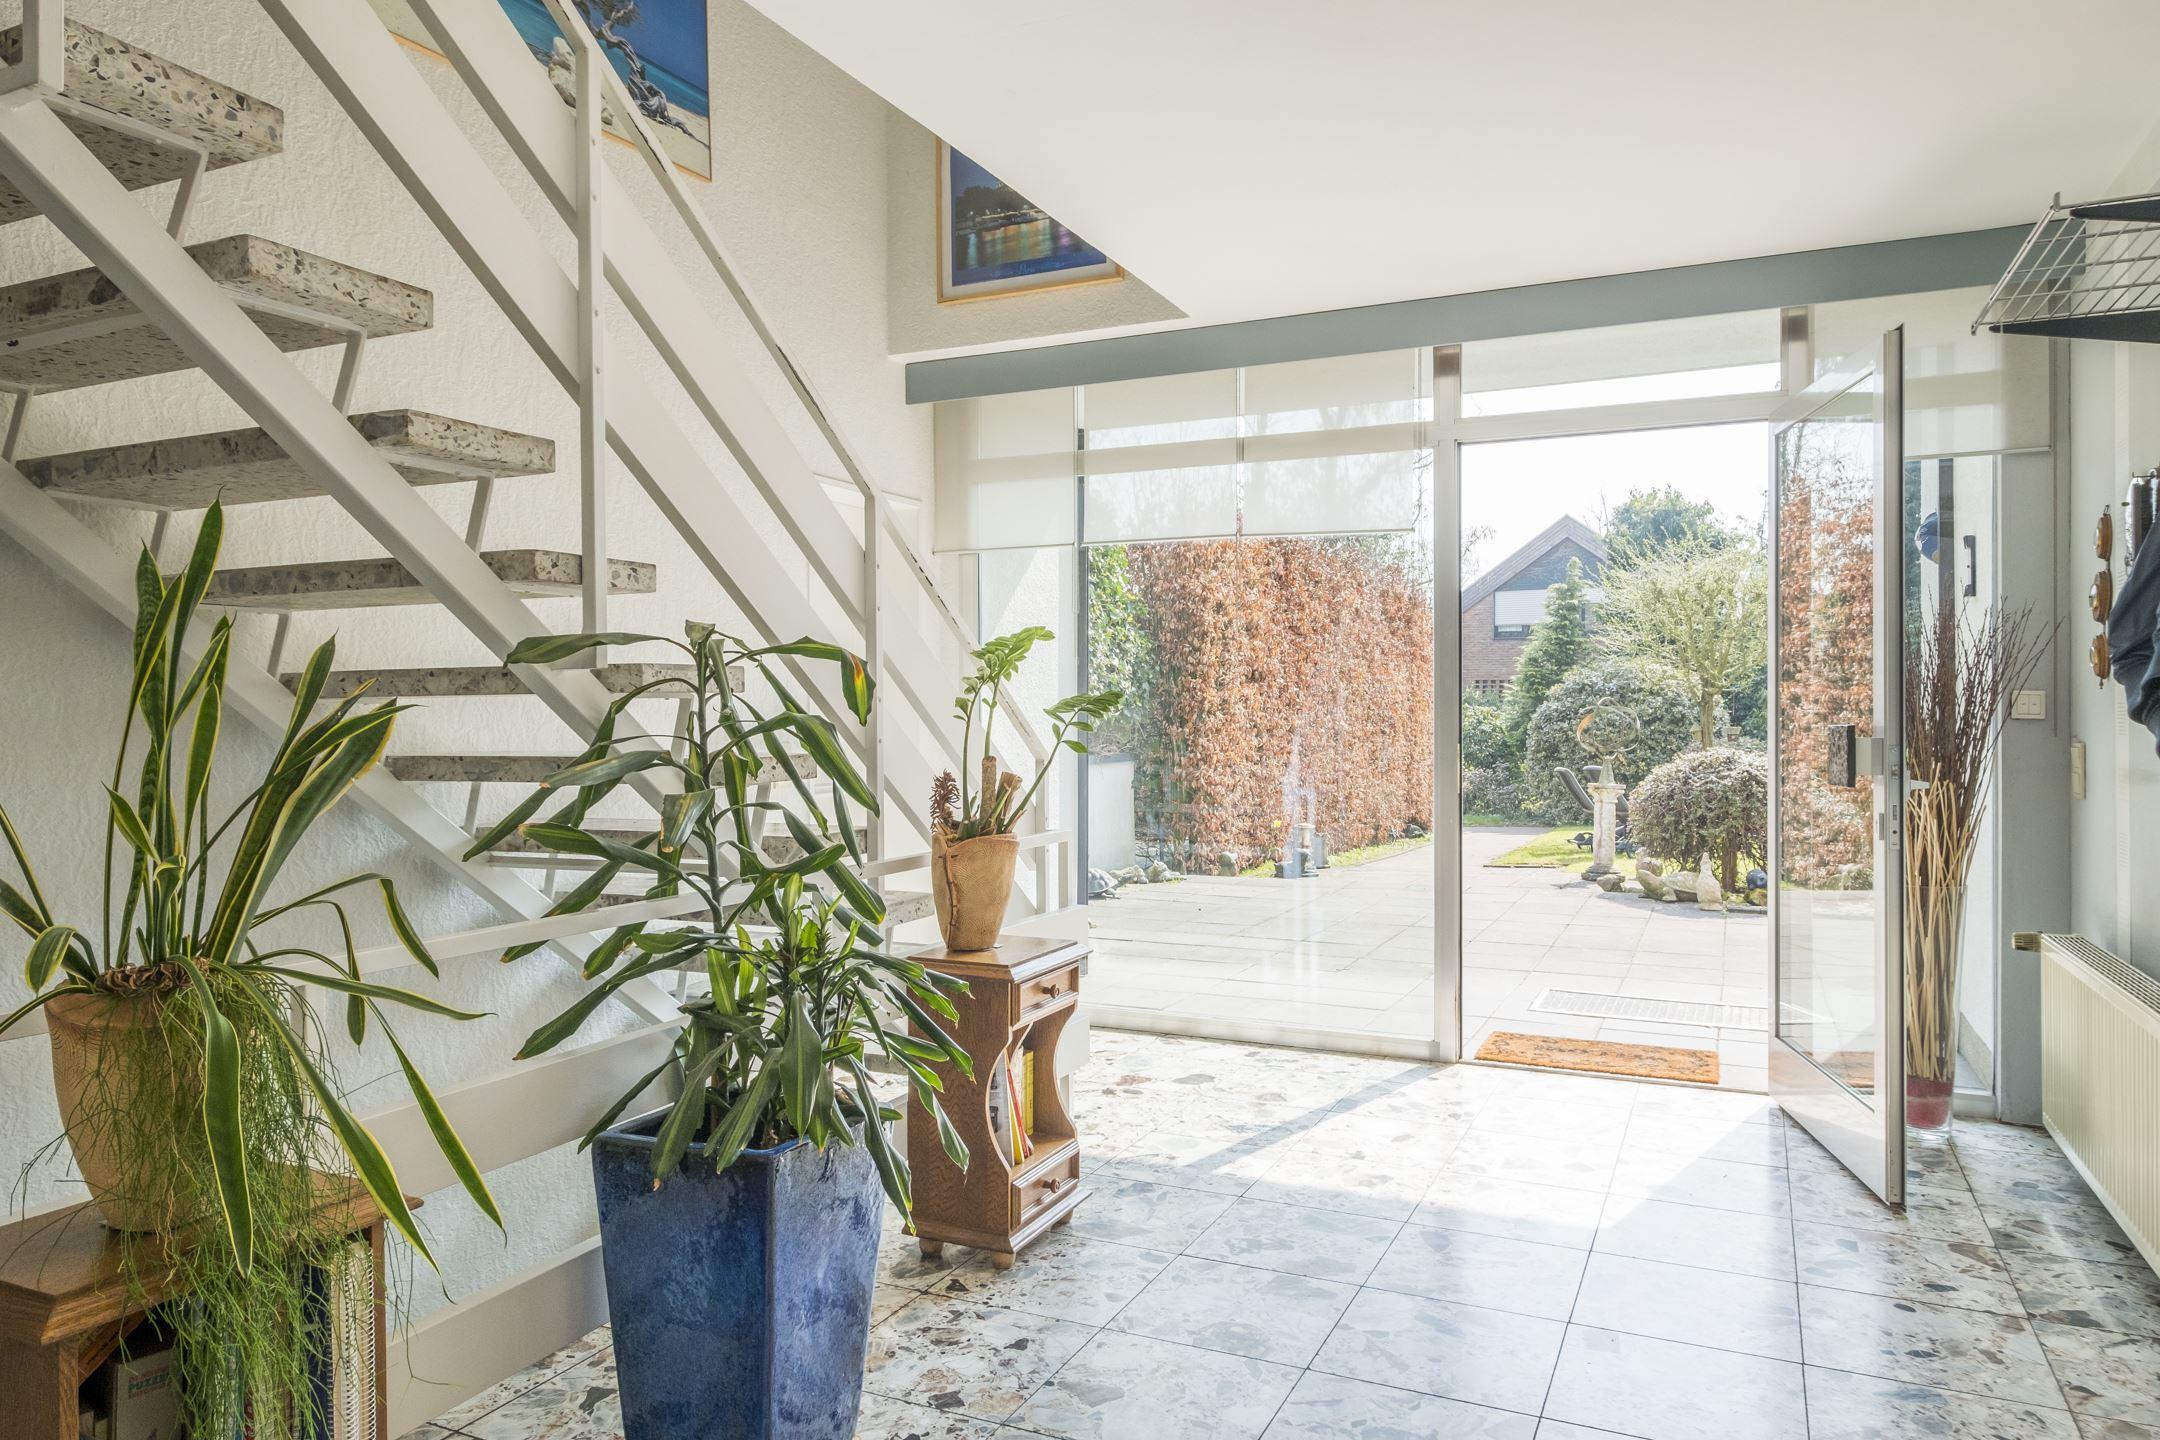 Huis te koop: niedersachsenstrasse 116 48529 nordhorn duitsland [funda]